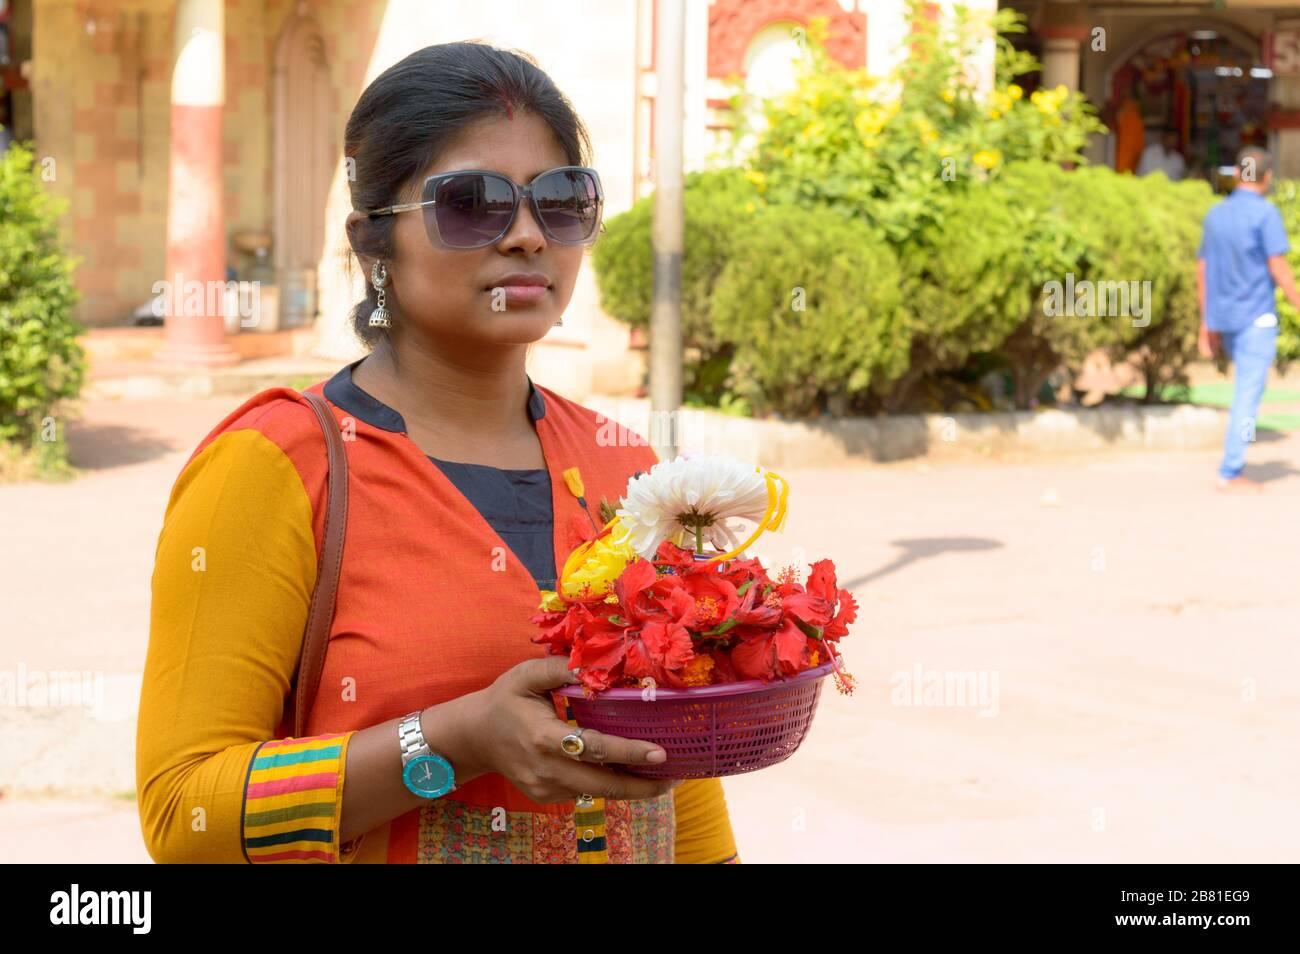 Portrait souriant de la belle jeune adulte traditionnelle mariée Bengali femme tenant un seau de l'offre religieuse des fleurs pendant Durga puja celebrati Banque D'Images